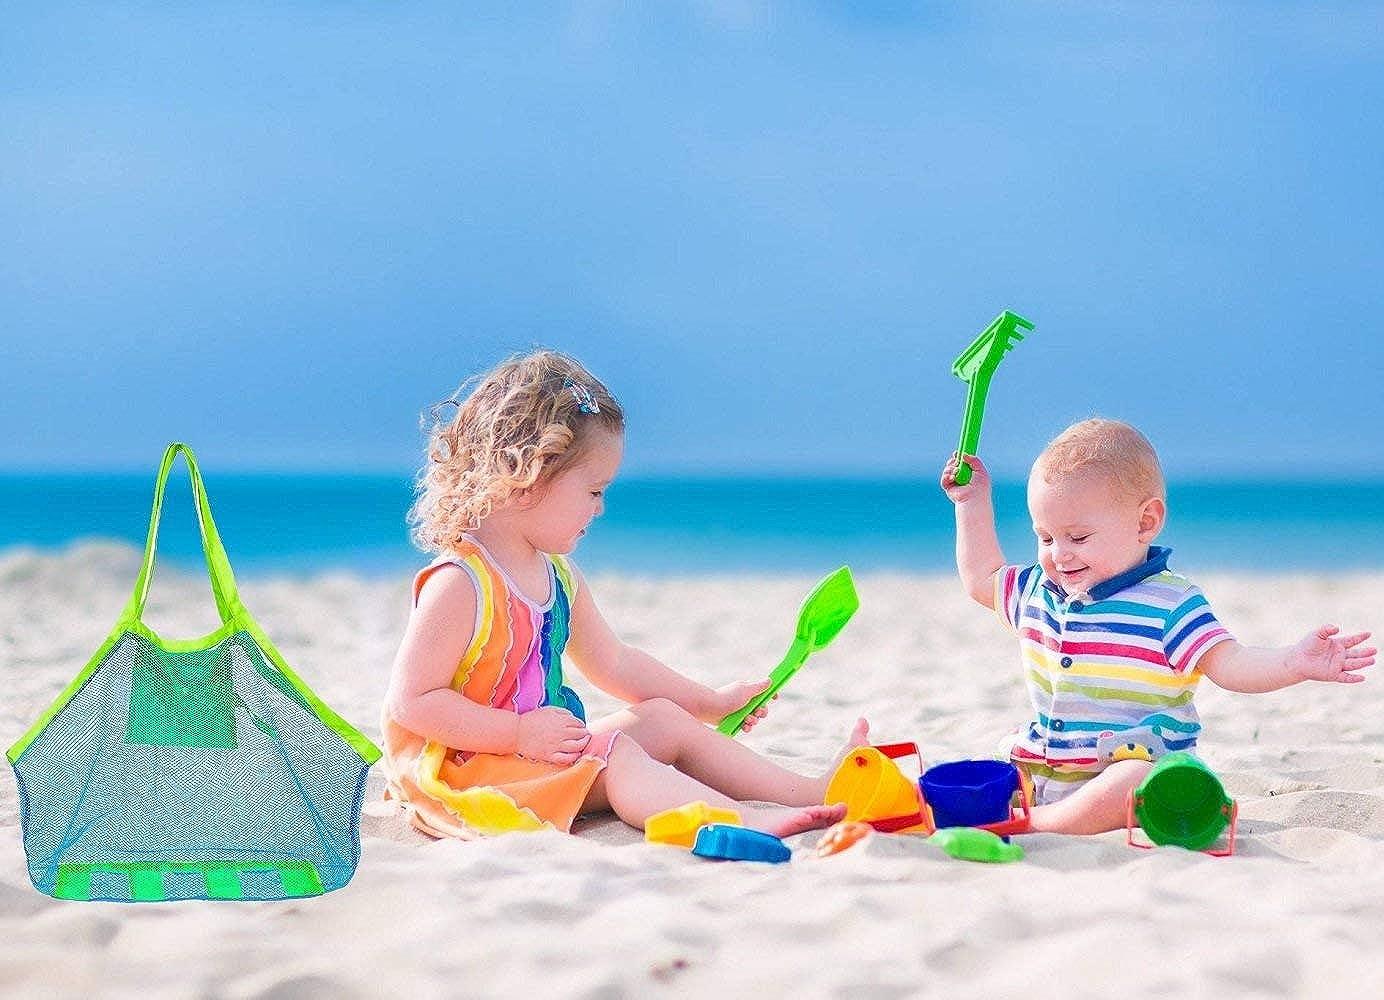 COOLGOEU Grande Bolsa de Playa de Malla Organizador de Bolso Tote Plegable para Ni/ños D/ía de la Familia